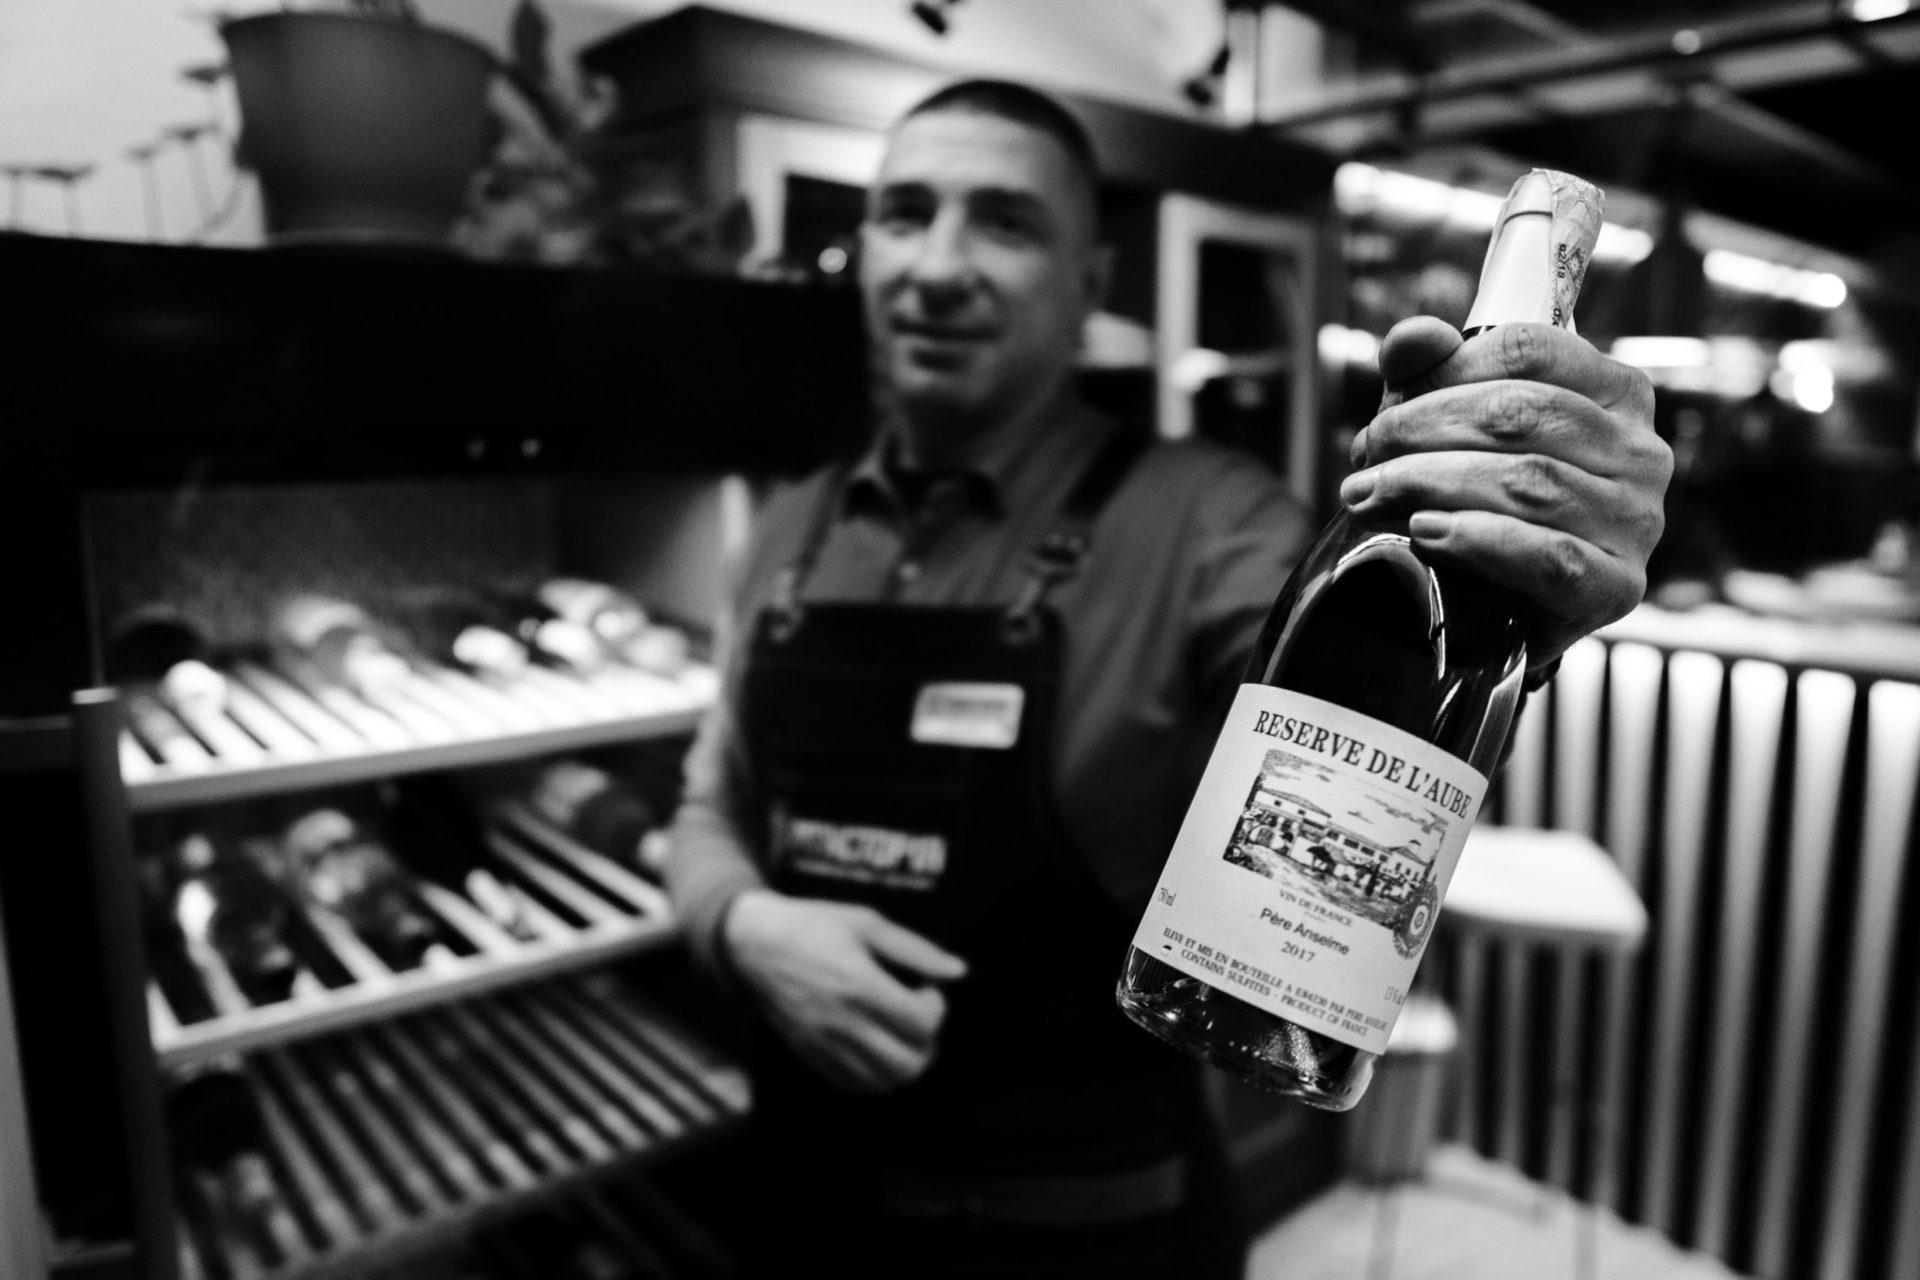 未開栓のワインを自宅で保存する方法